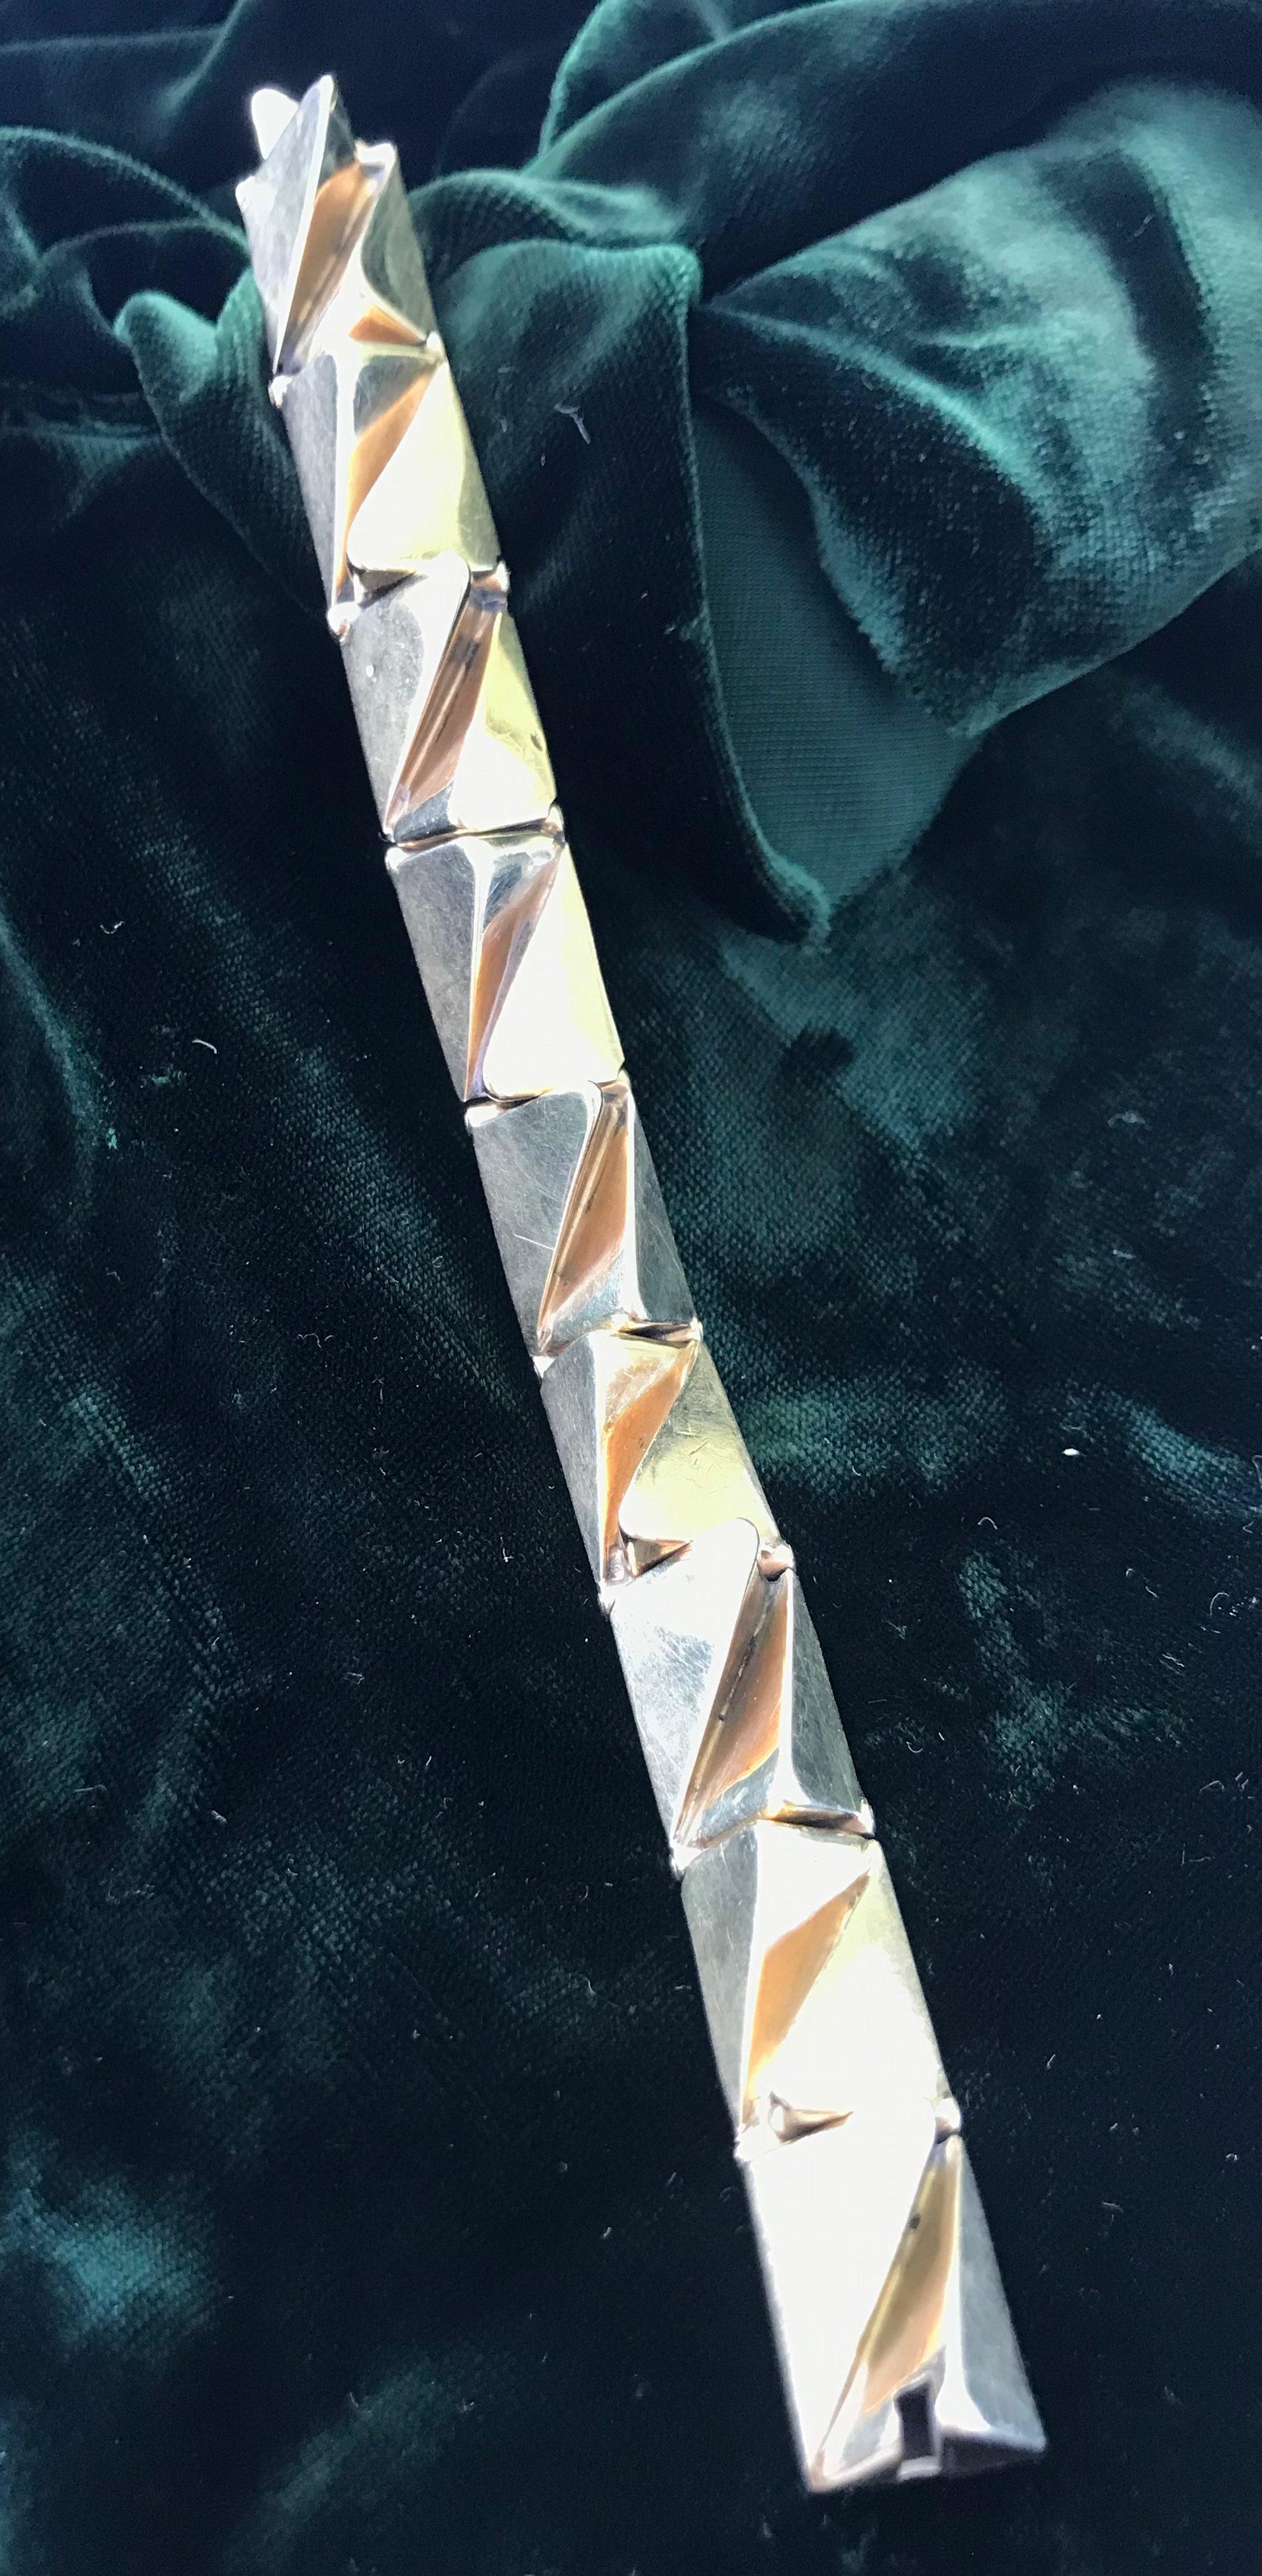 Karel Niehorster, armband van goud, 1967; Particuliere collectie